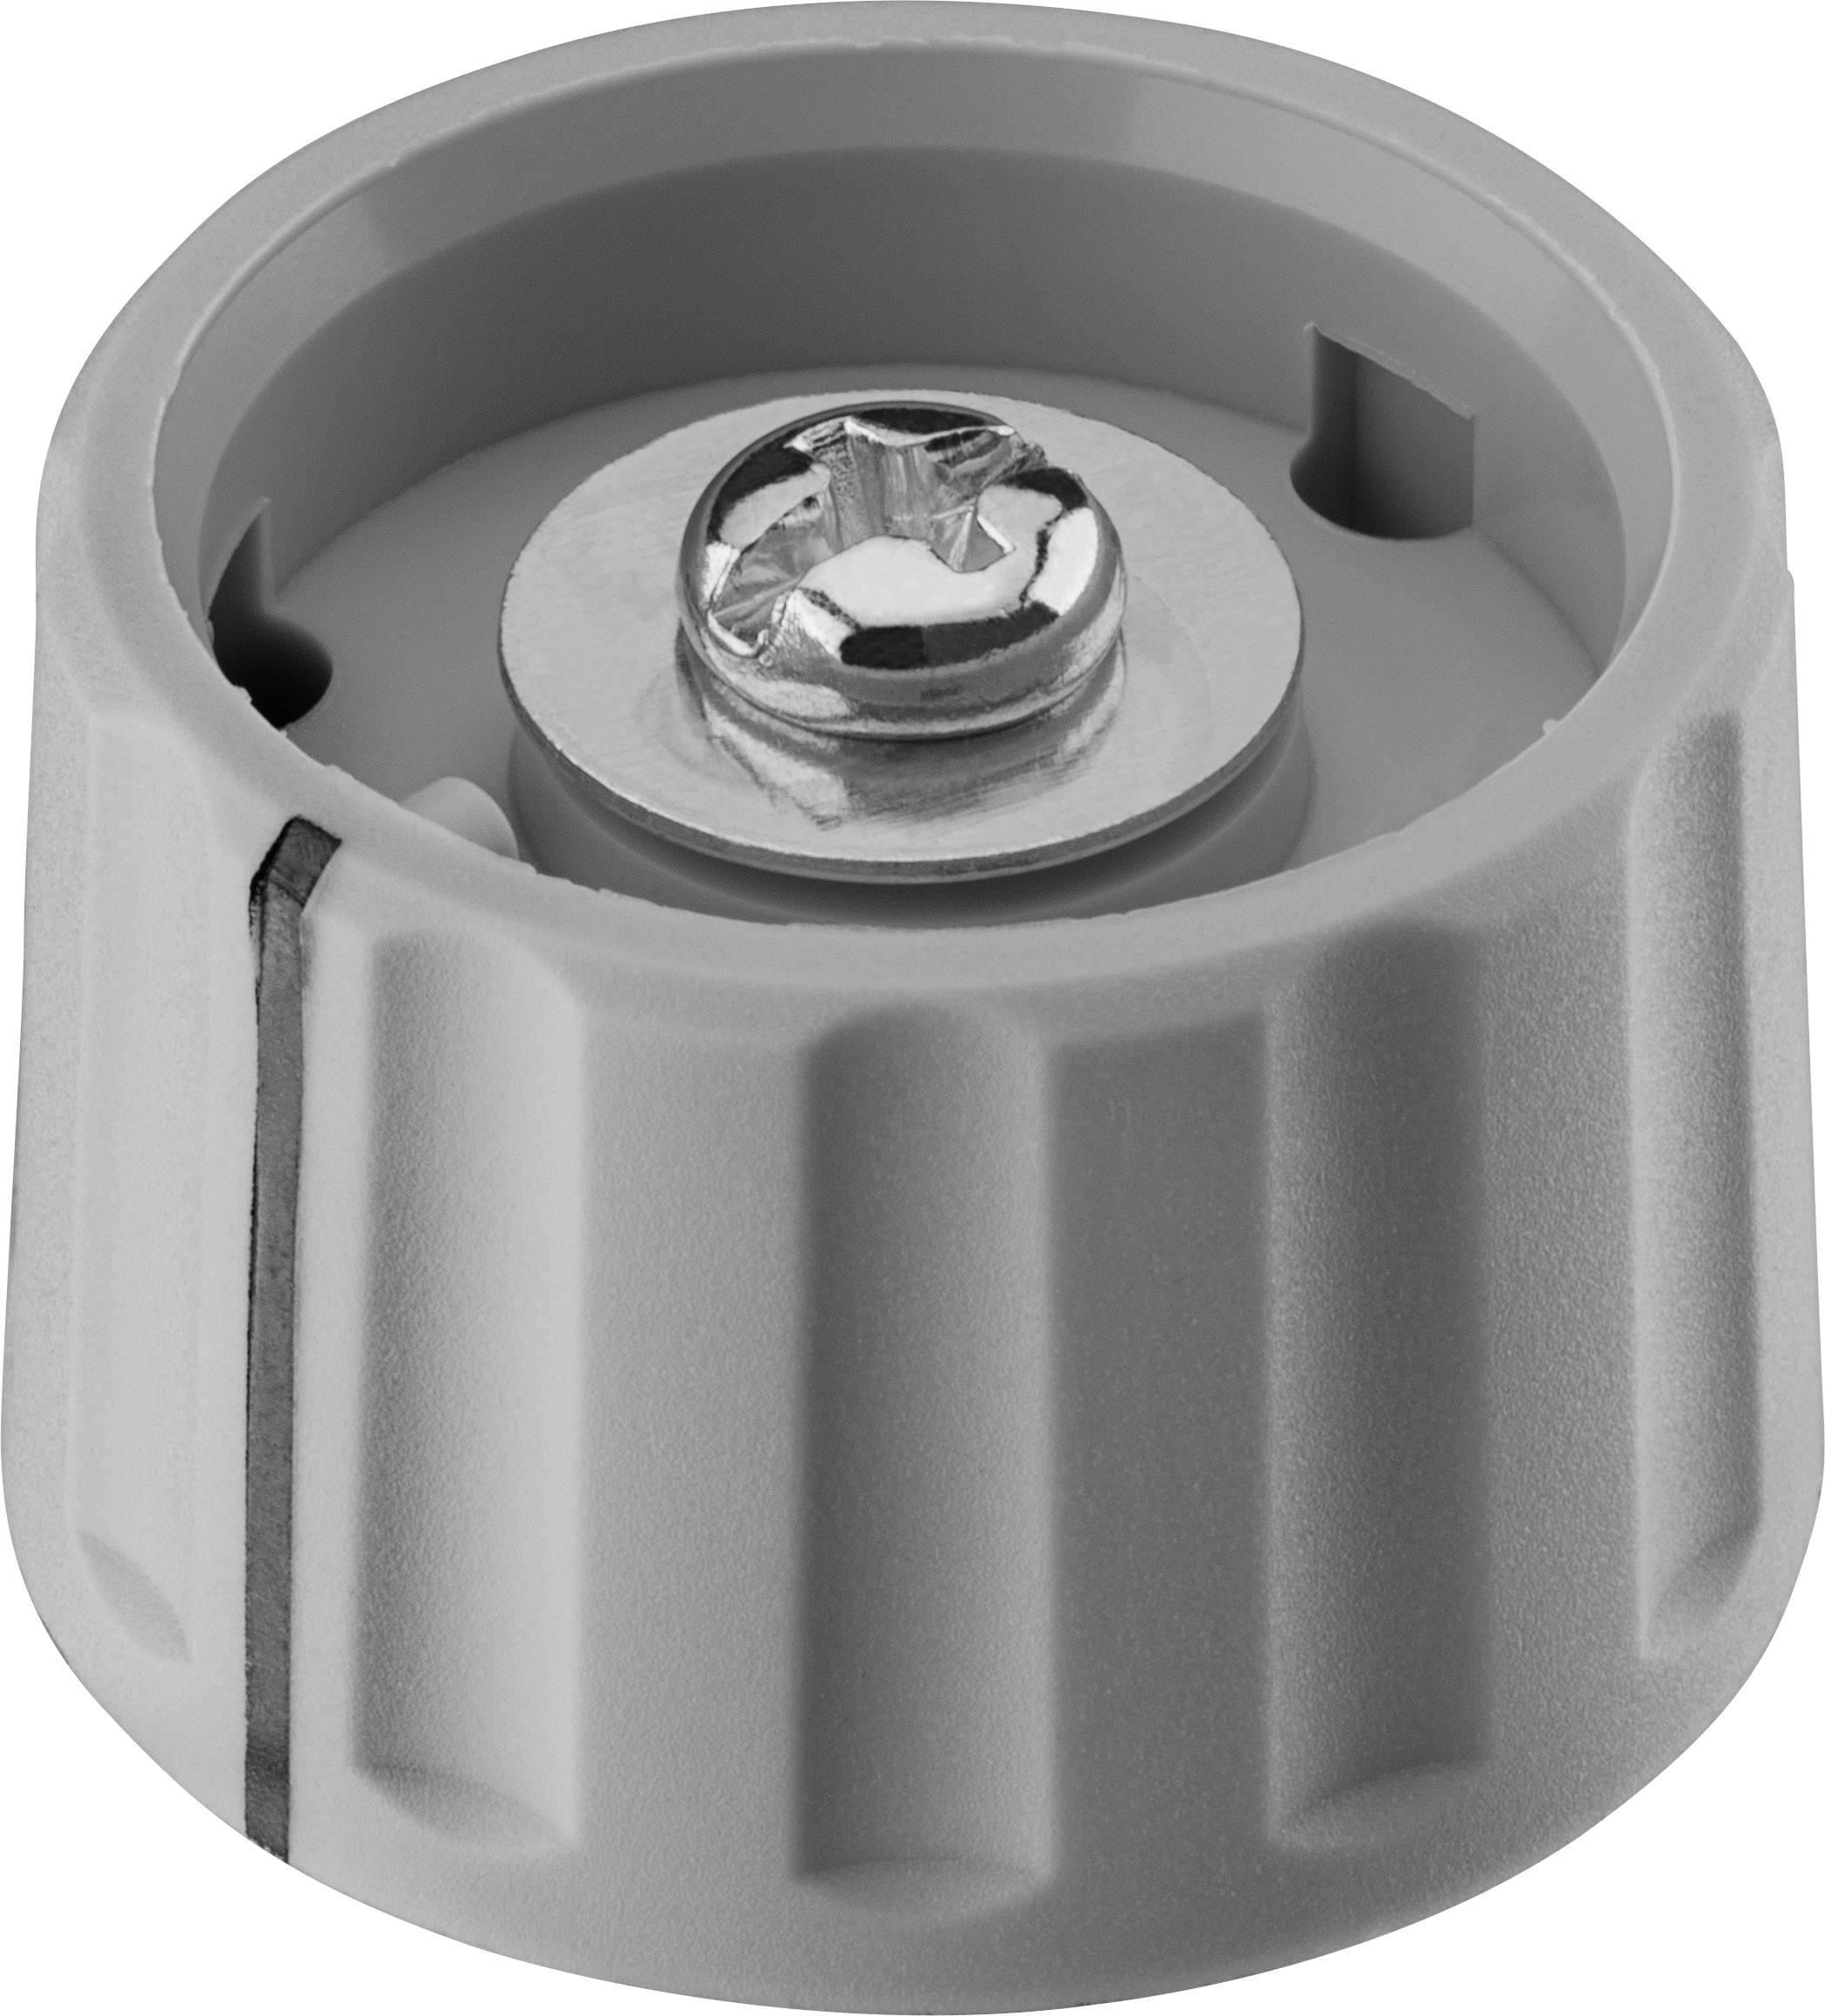 Otočný knoflík Ritel 27 28 60 1, (Ø x v) 28 mm x 18.2 mm, šedá, 1 ks